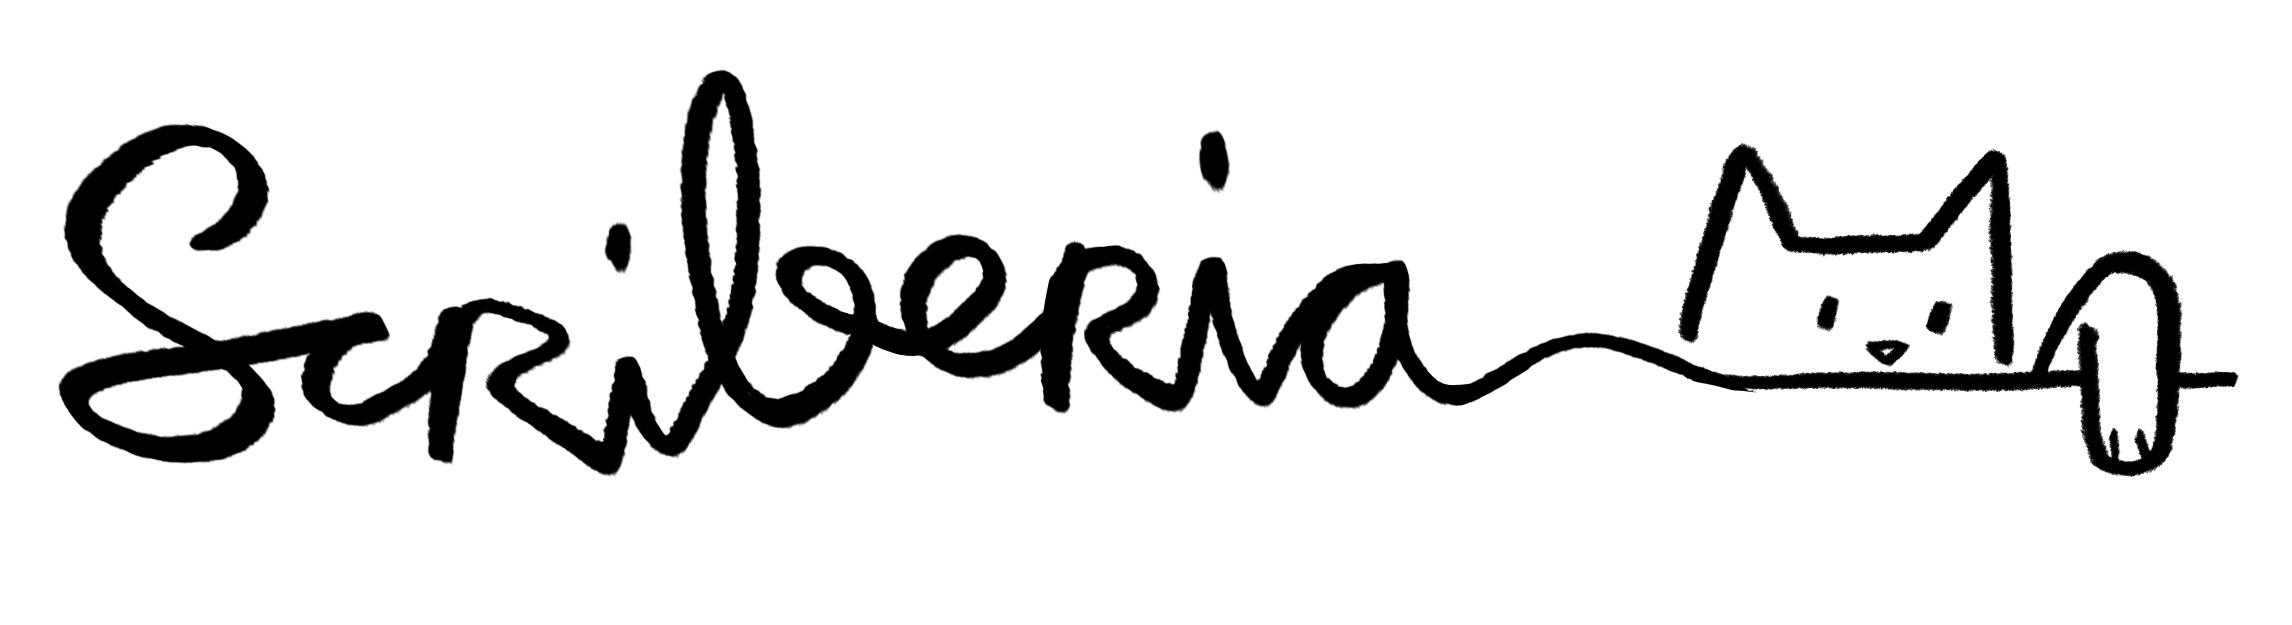 scriberia_logo.jpg